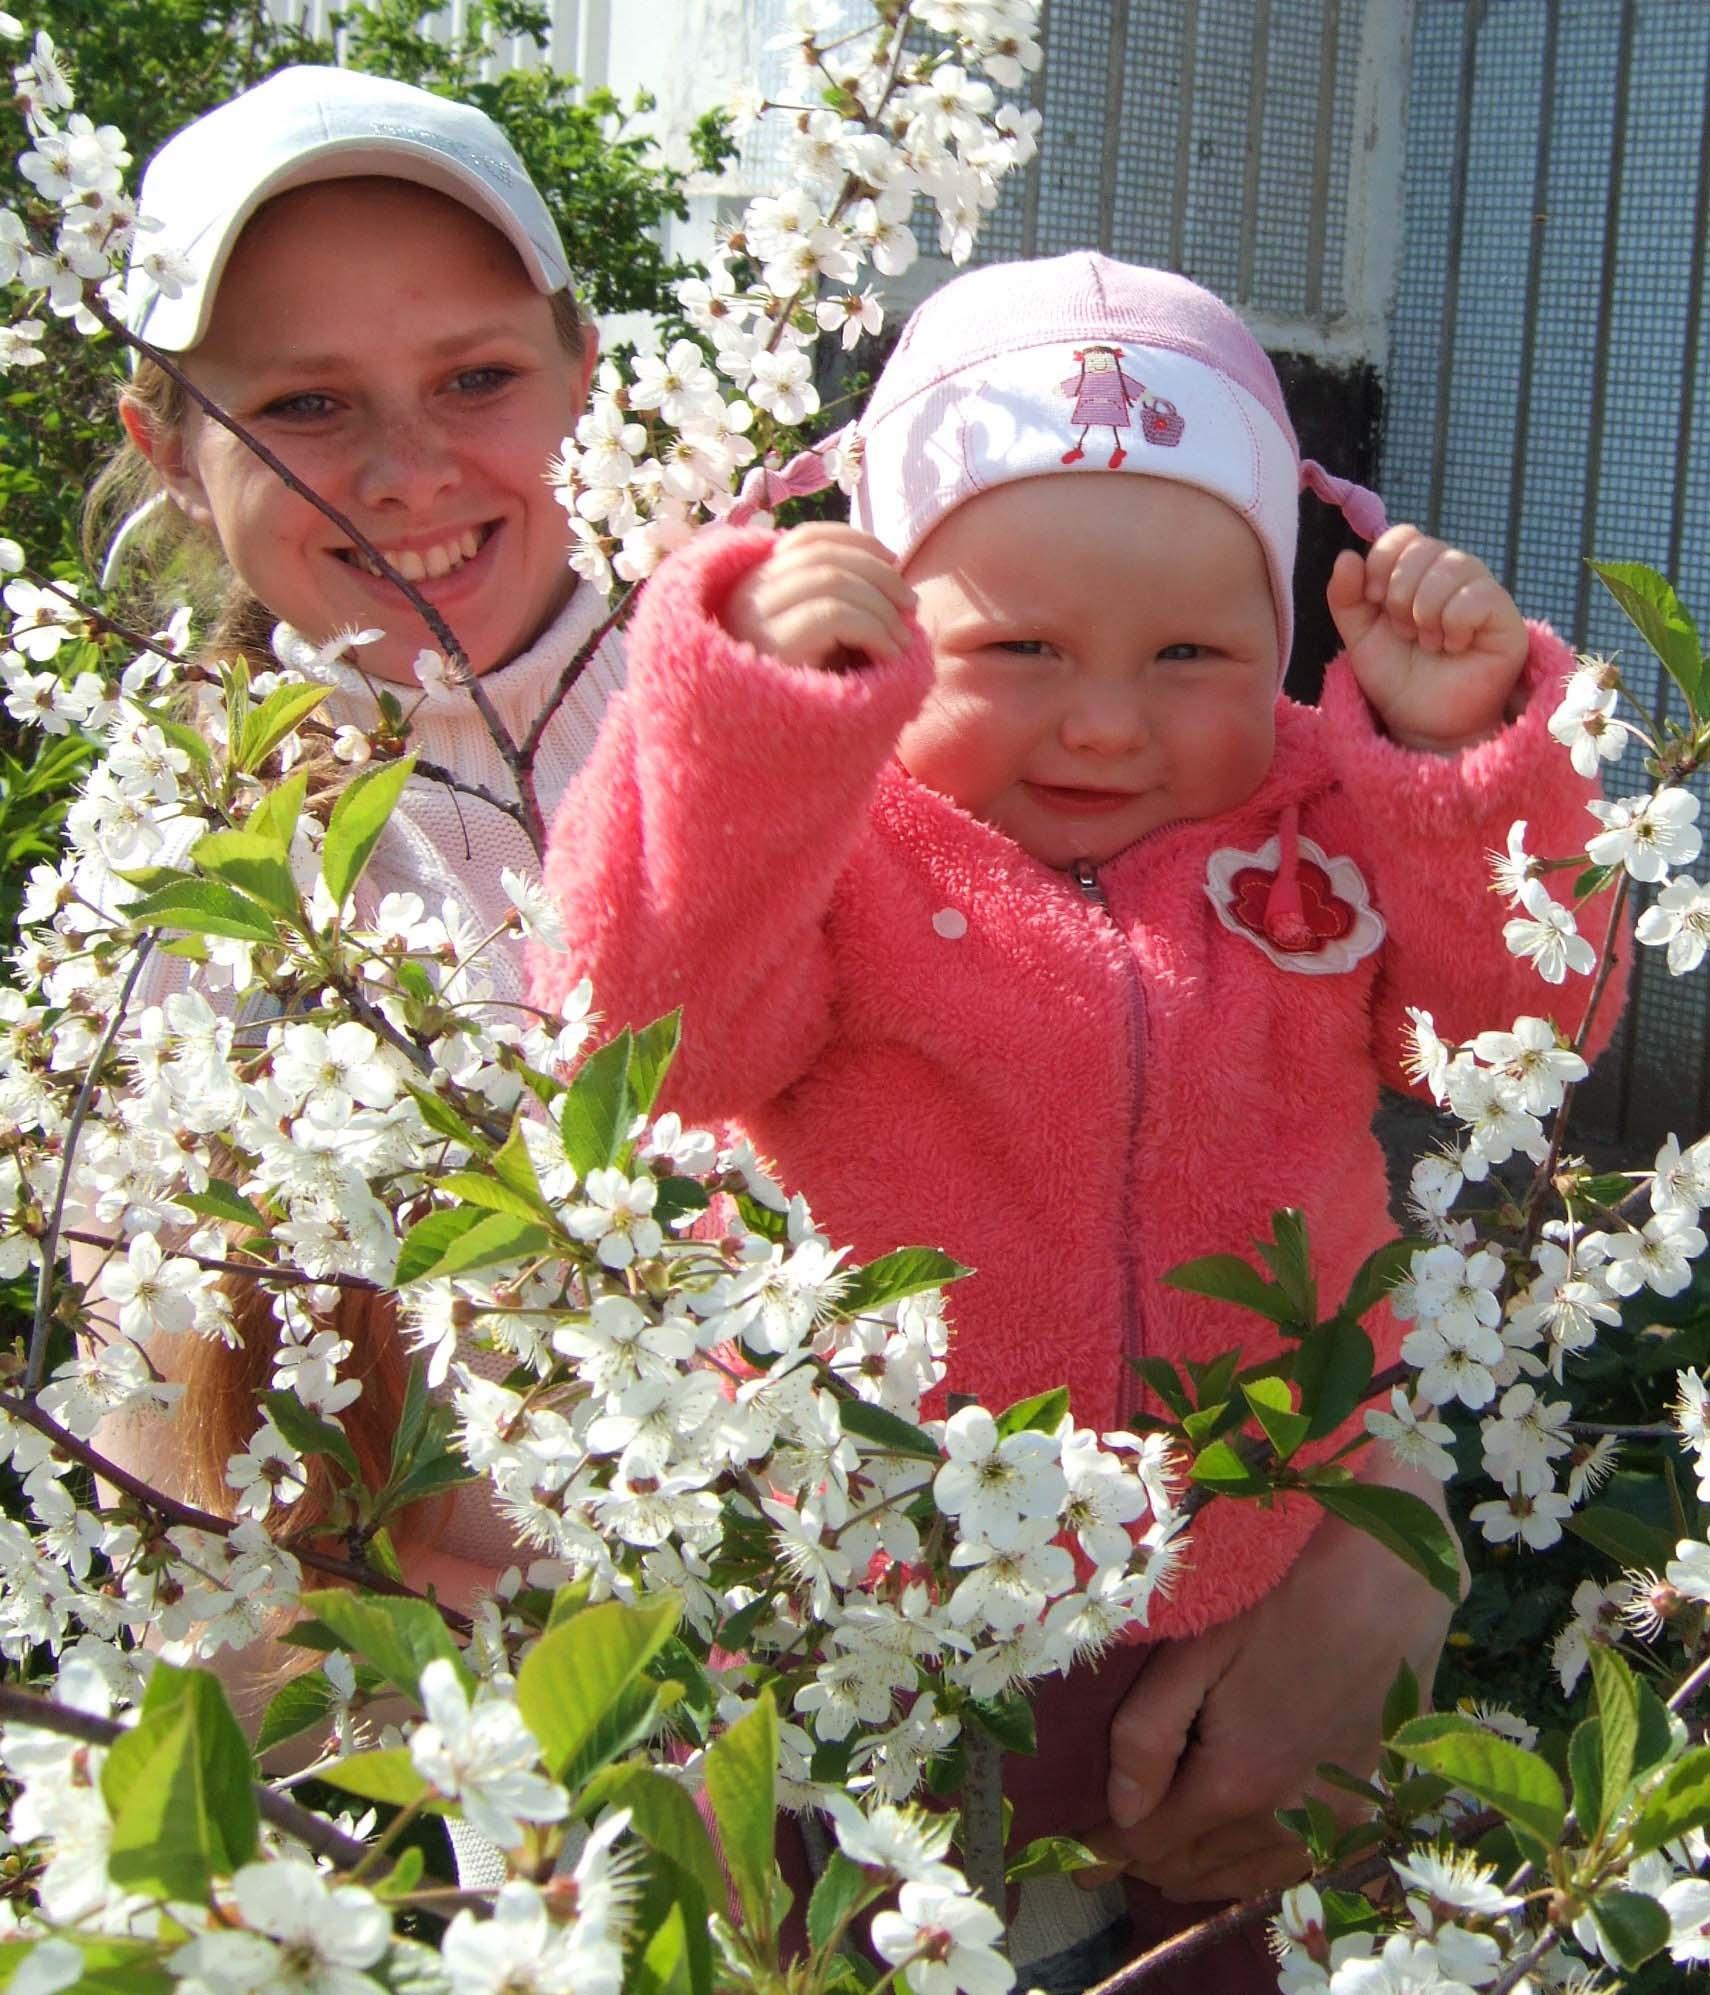 Среди цветов одна зрелая вишенка. Цветы жизни